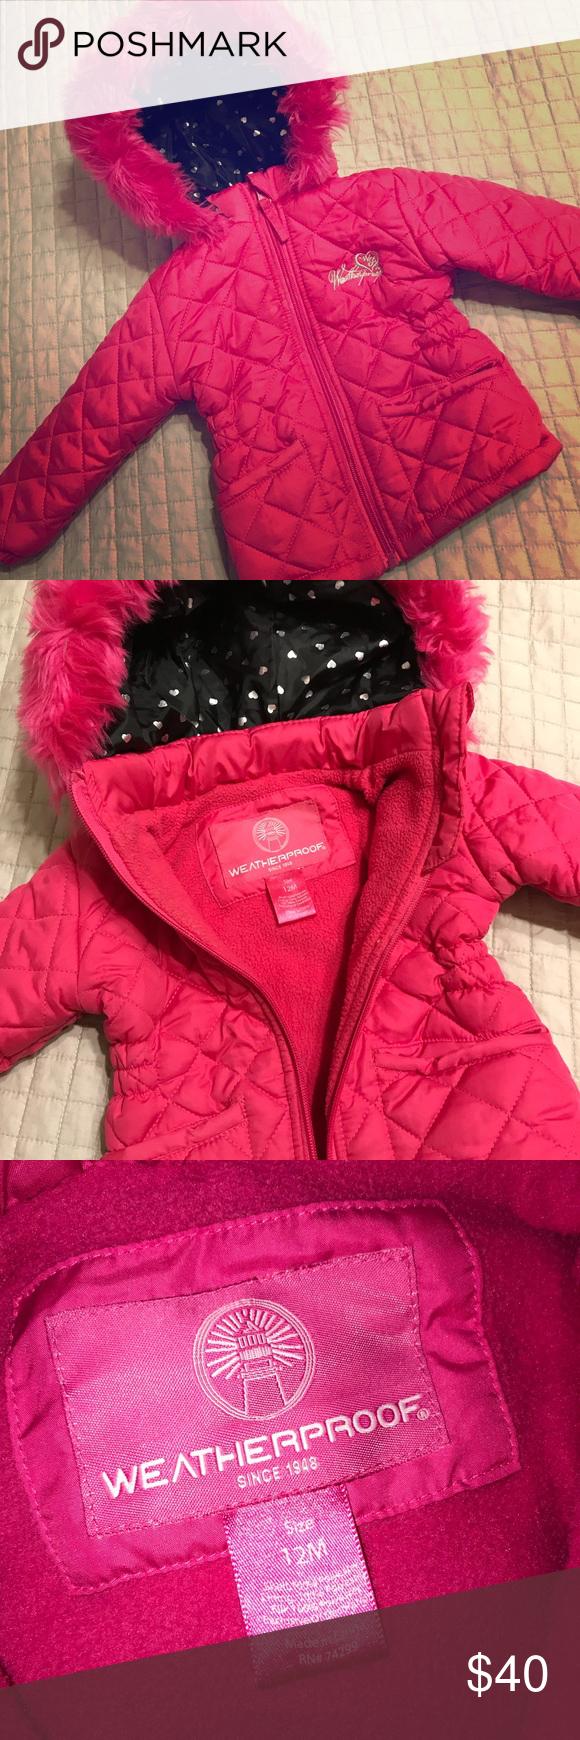 Kids Winter Jacket Weatherproof Winter Jacket 12 Months Fleece Lined Inside Hood Is Black With Silver Hearts Weathe Kids Winter Jackets Kids Jacket Jackets [ 1740 x 580 Pixel ]